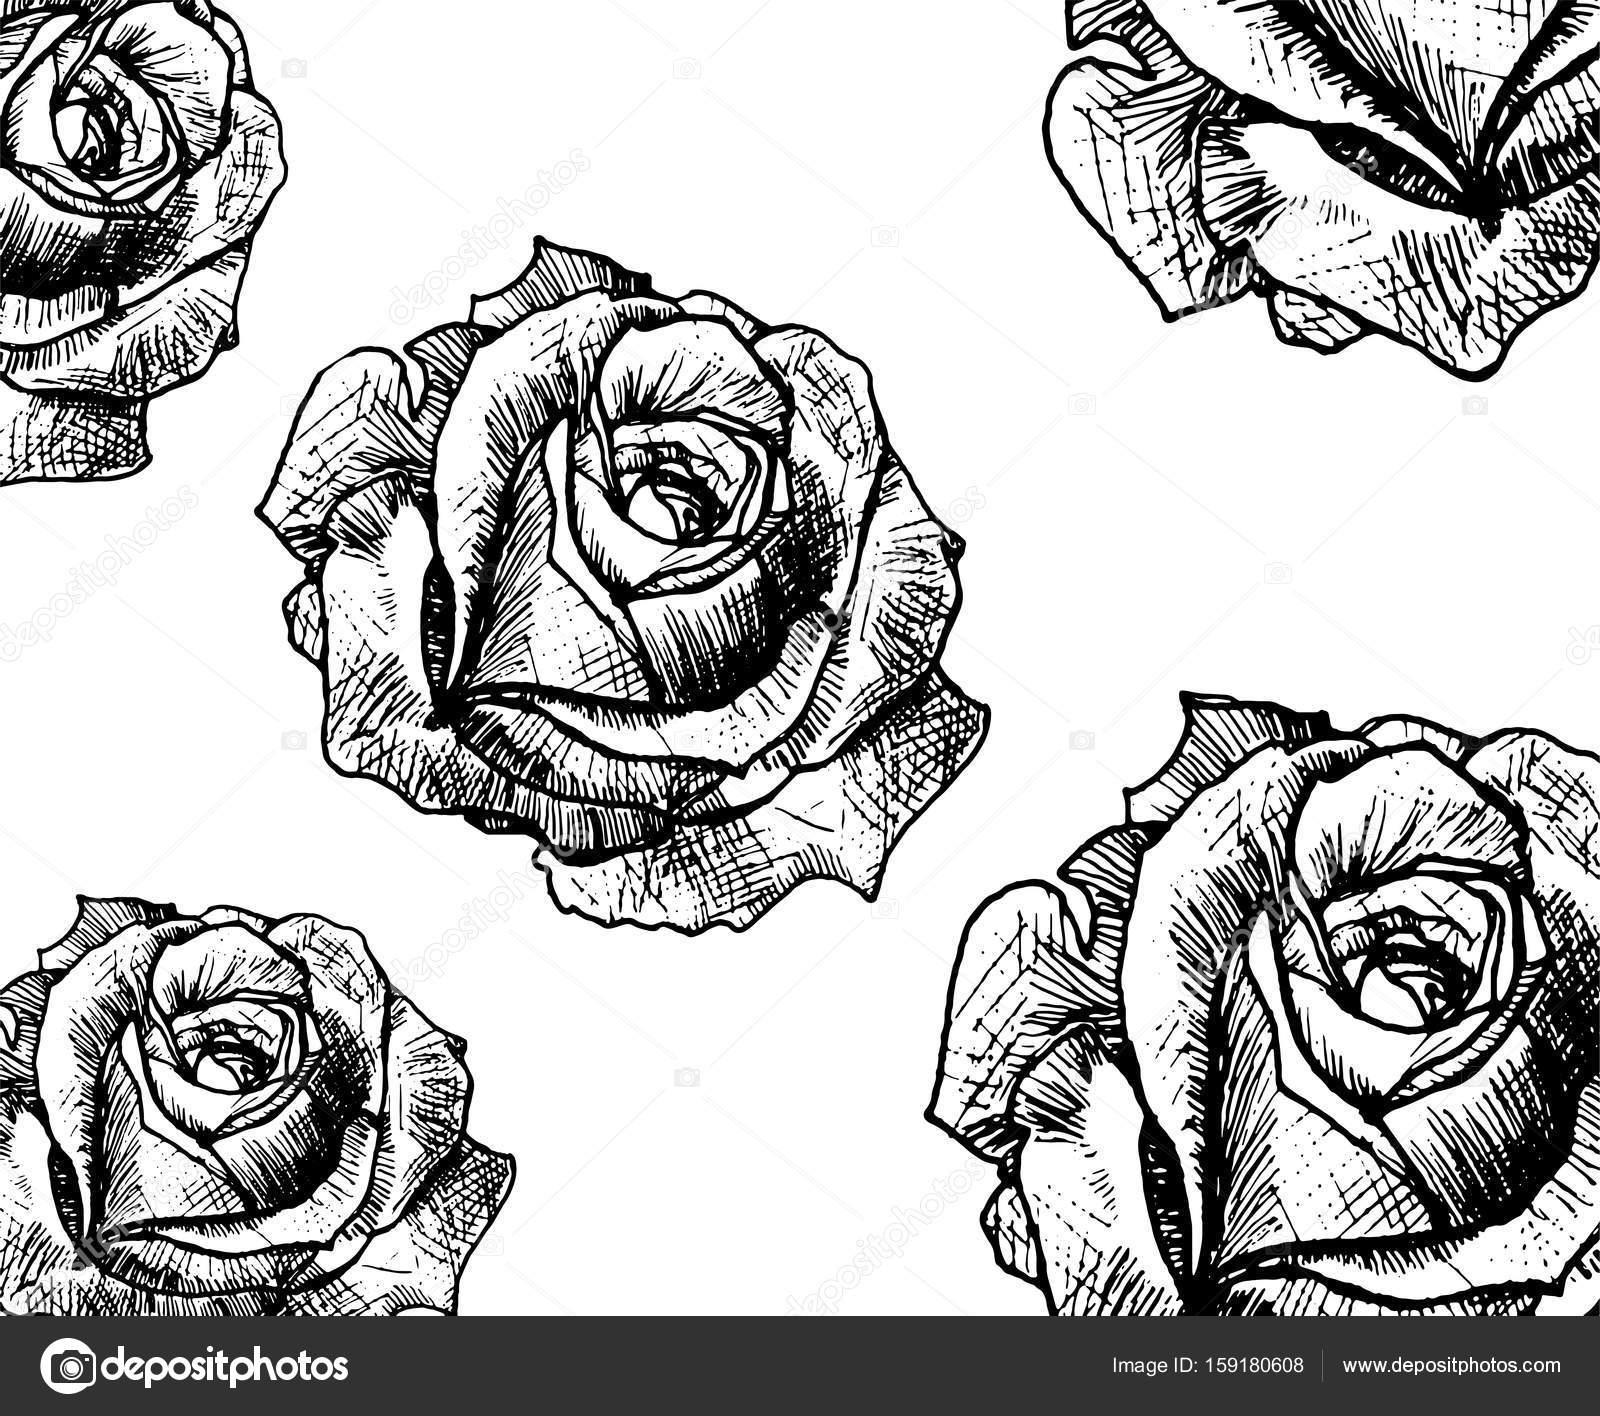 Linii Sztuka Tatuaż Róża Pączek Grafika Wektorowa